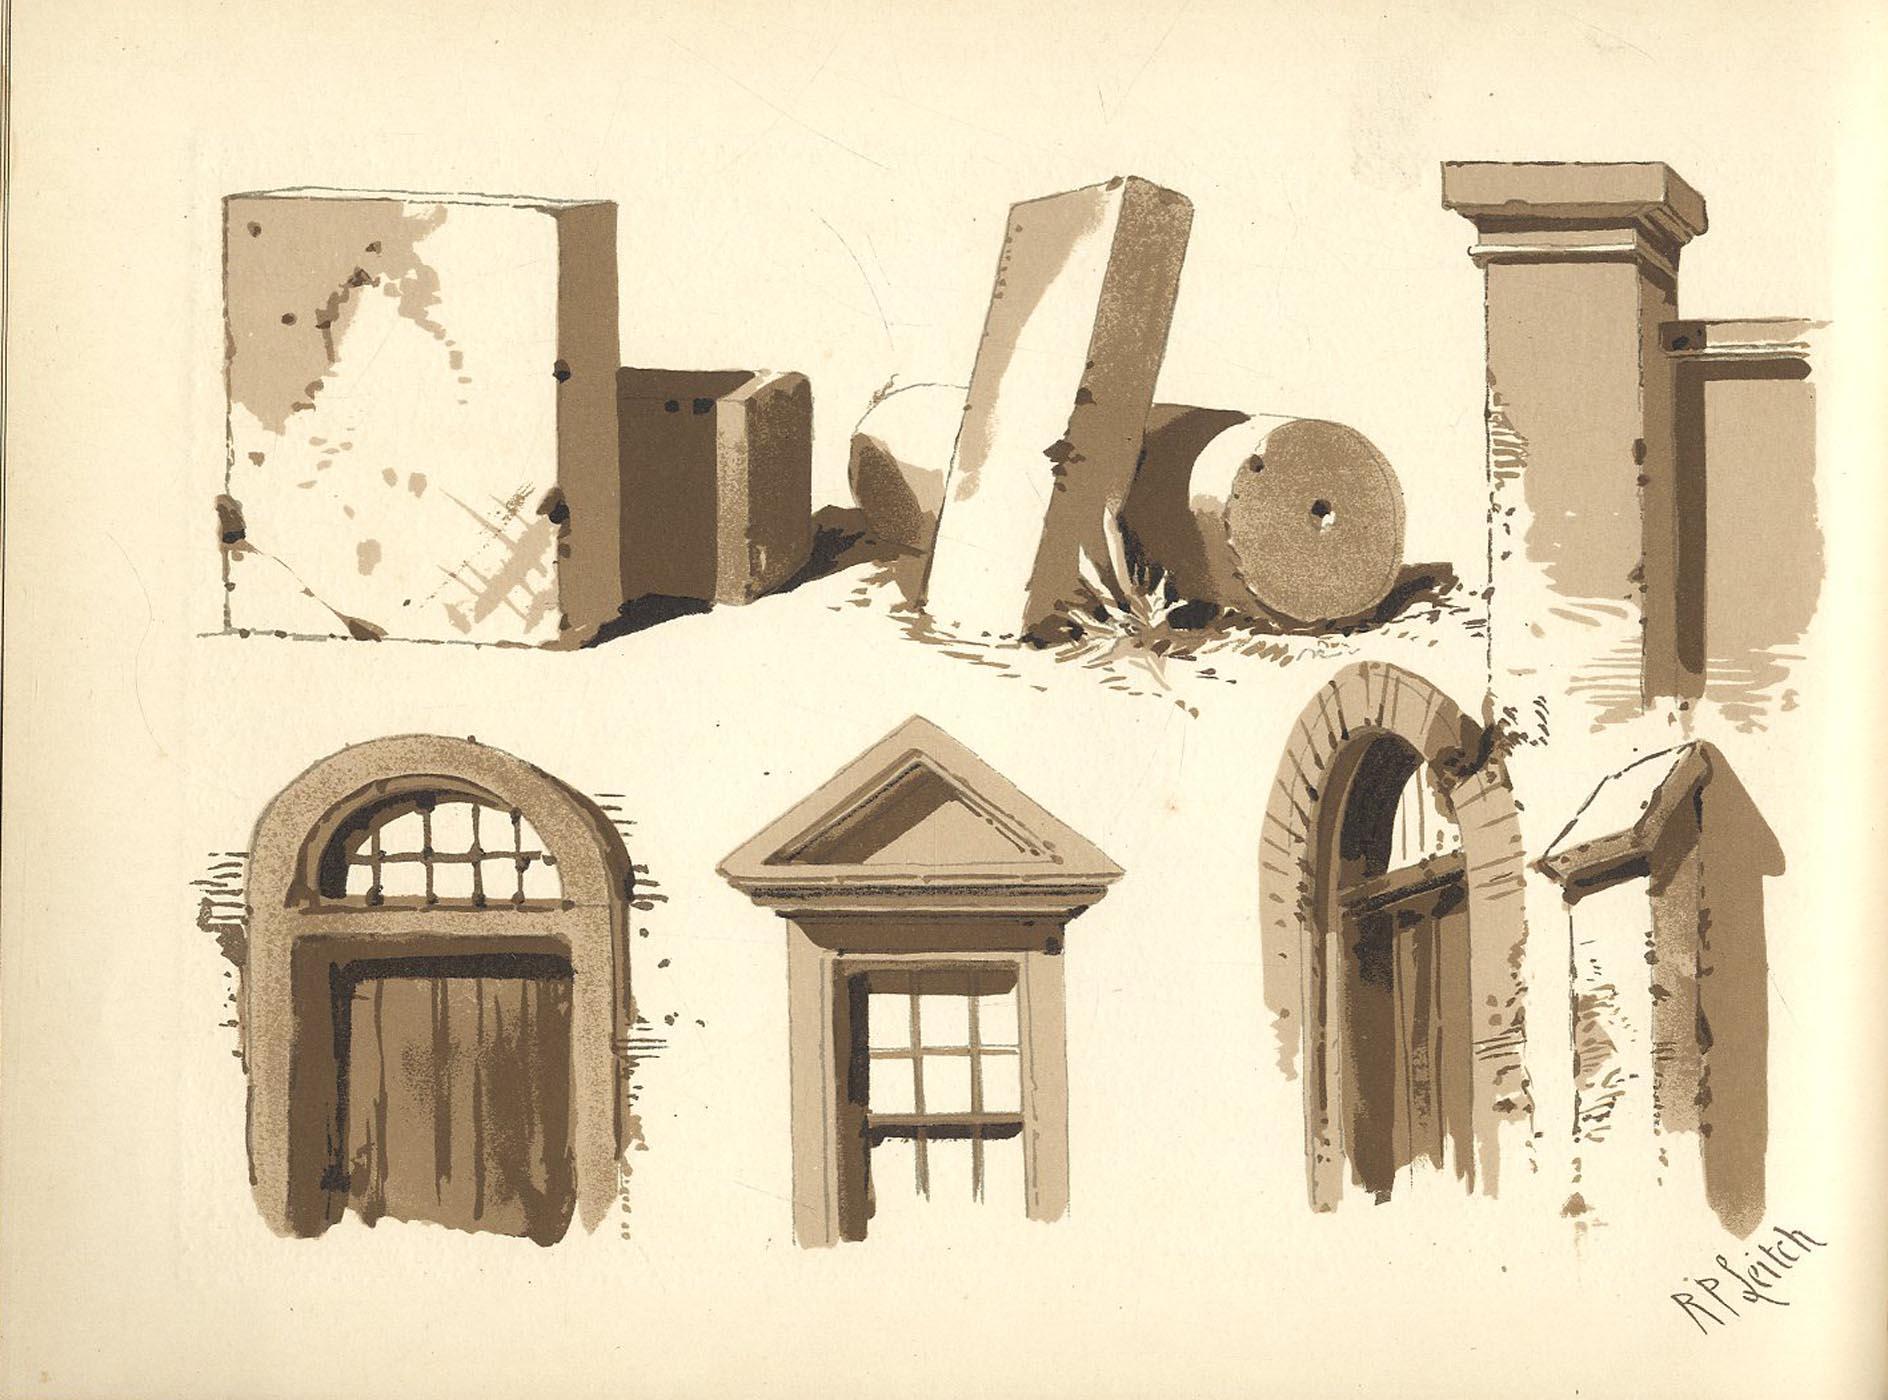 SH583.jpg (1888×1400)